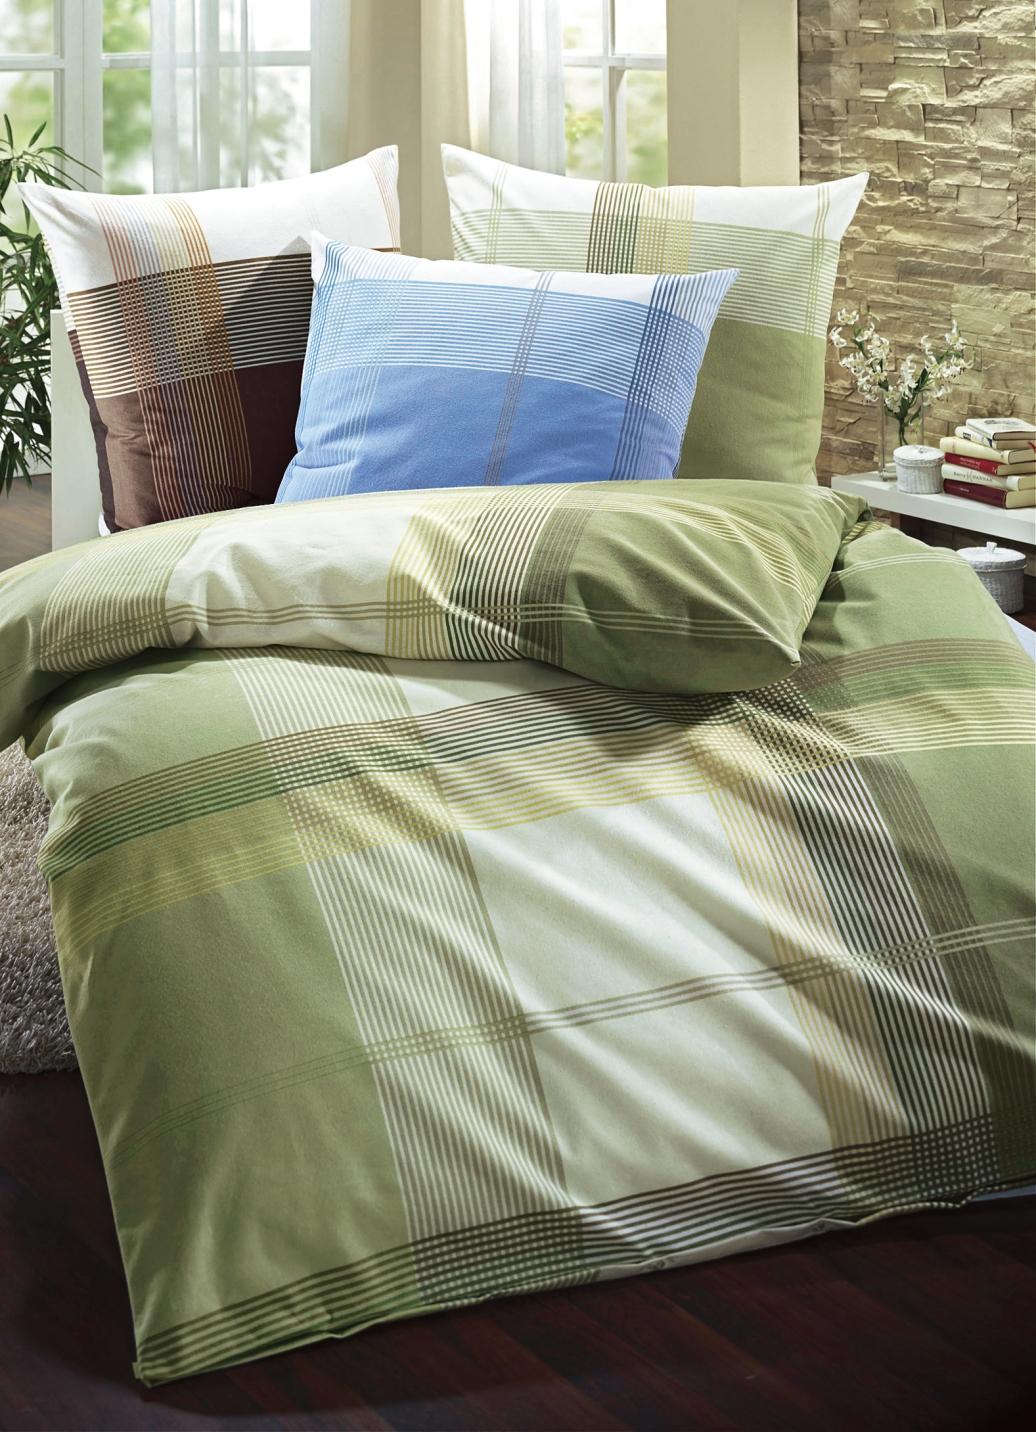 biberna bettw sche garnitur in verschiedenen qualit ten. Black Bedroom Furniture Sets. Home Design Ideas